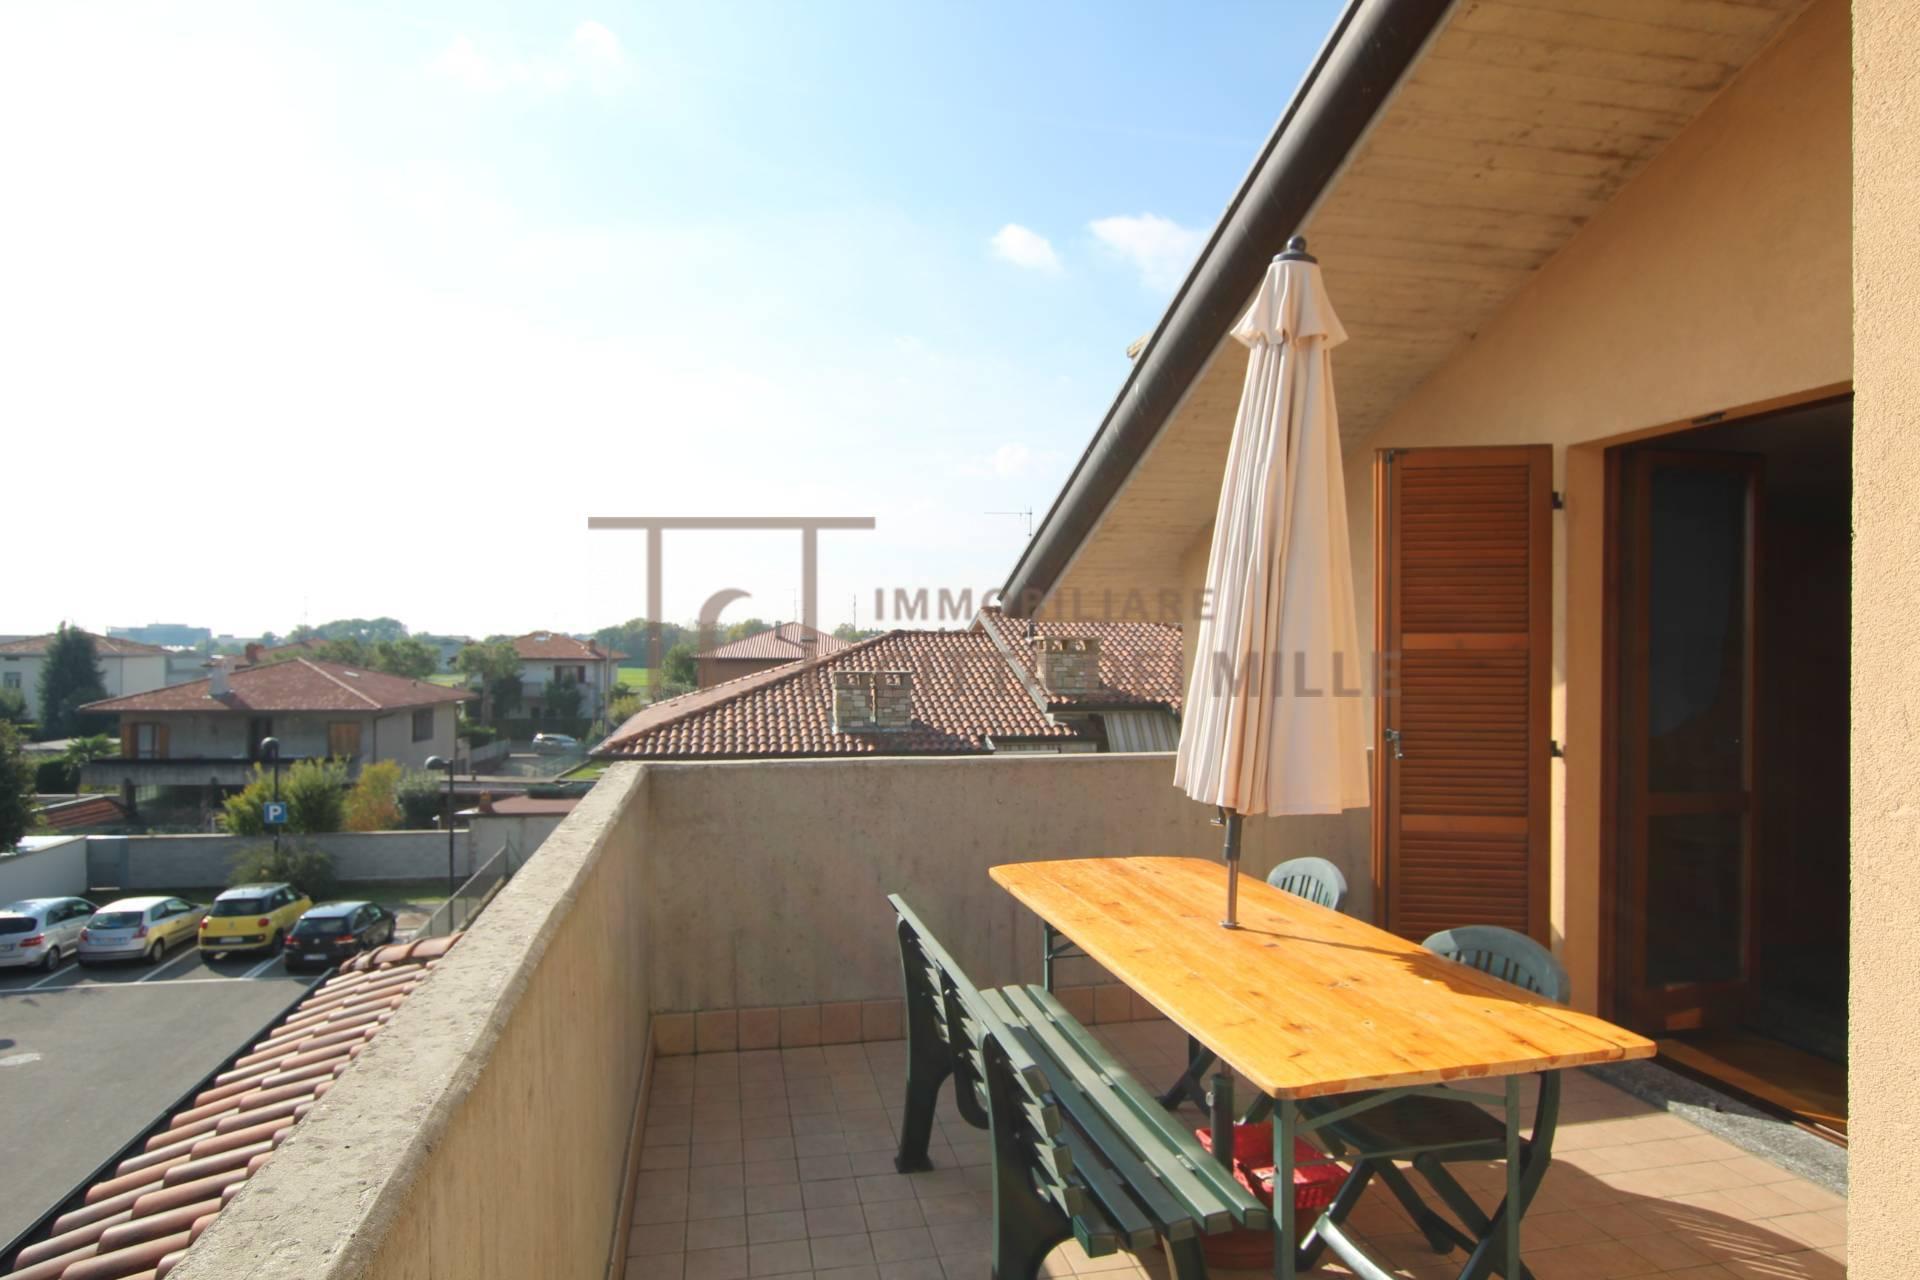 Appartamento in vendita a Grassobbio, 4 locali, prezzo € 229.000 | PortaleAgenzieImmobiliari.it